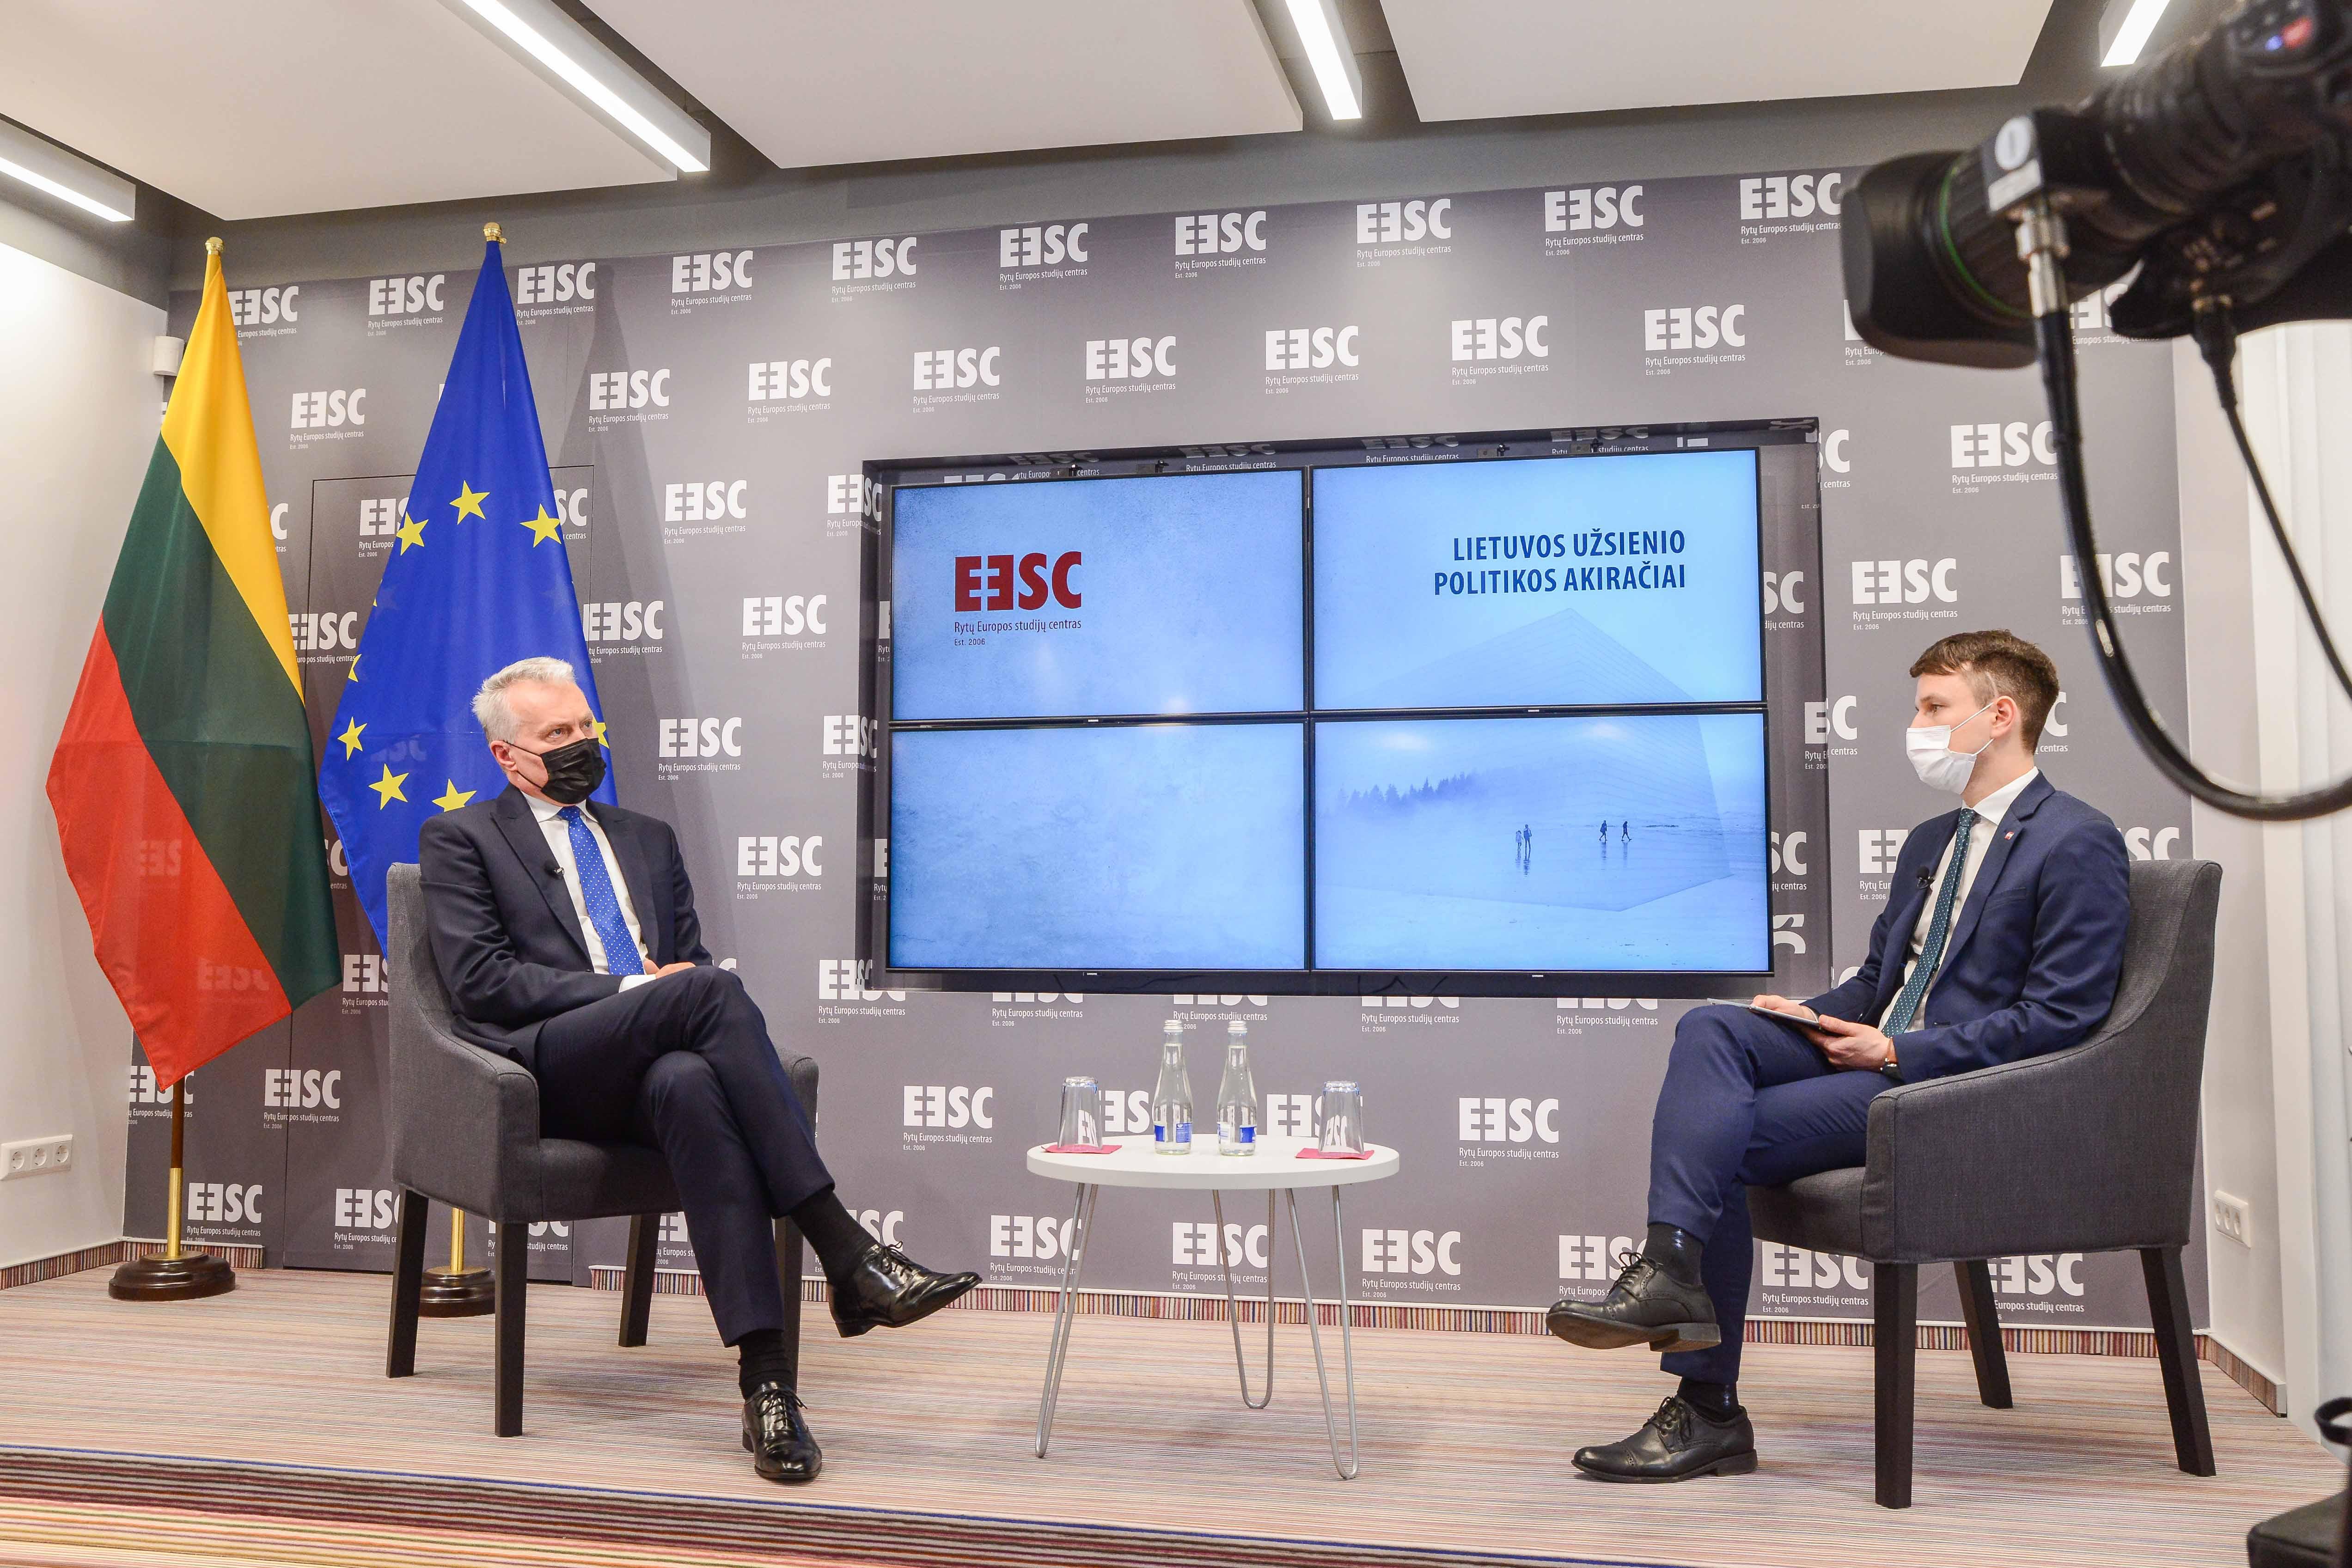 Pirmoji Lietuvos užsienio politikos akiračių ciklo diskusija. Svečiuose – LR Prezidentas Gitanas Nausėda